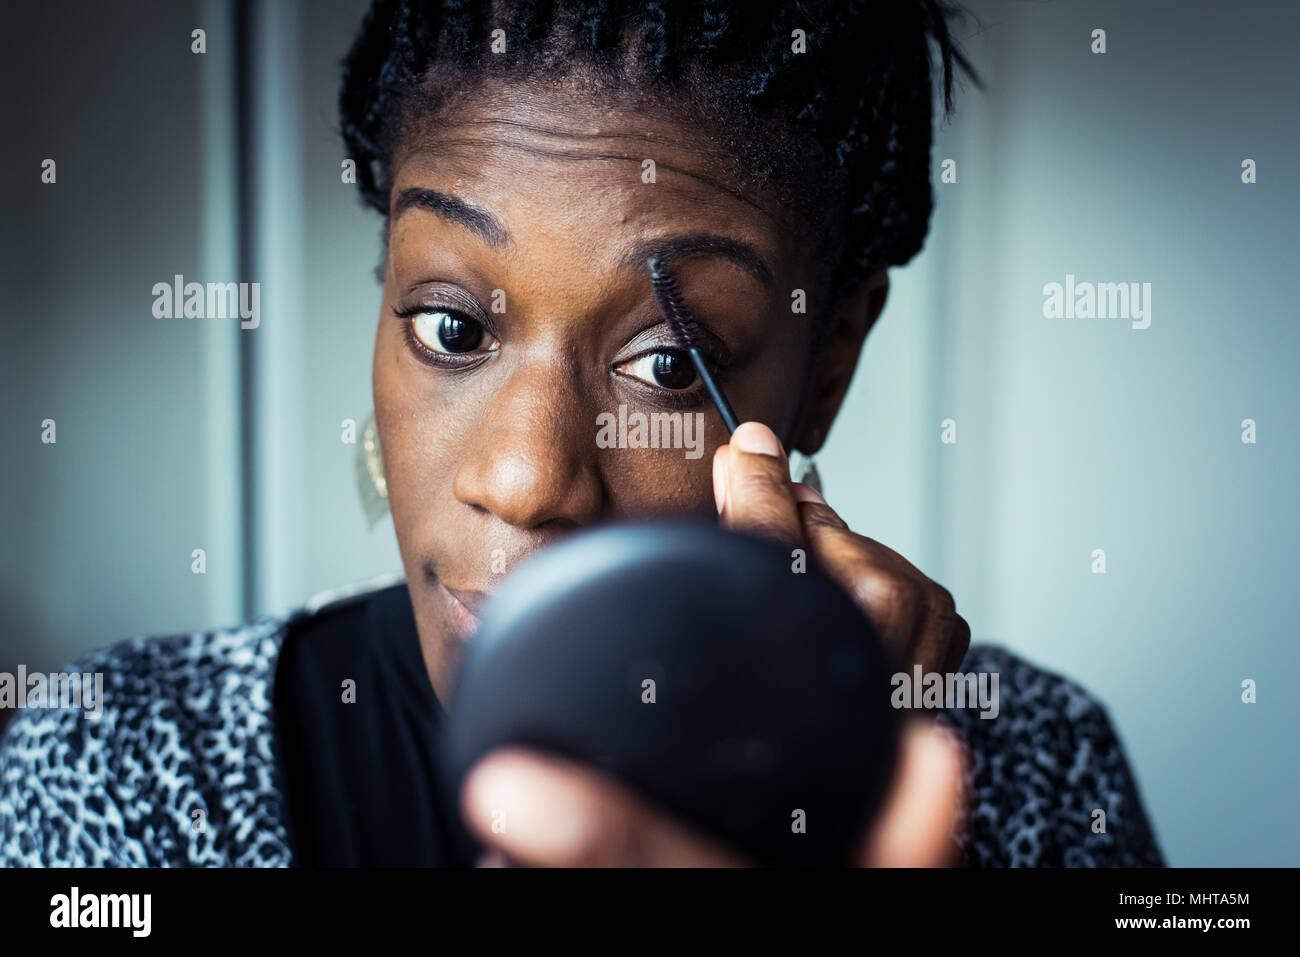 Nero donna preparando per una notte fuori, applicando il trucco in uno specchio a mano Immagini Stock